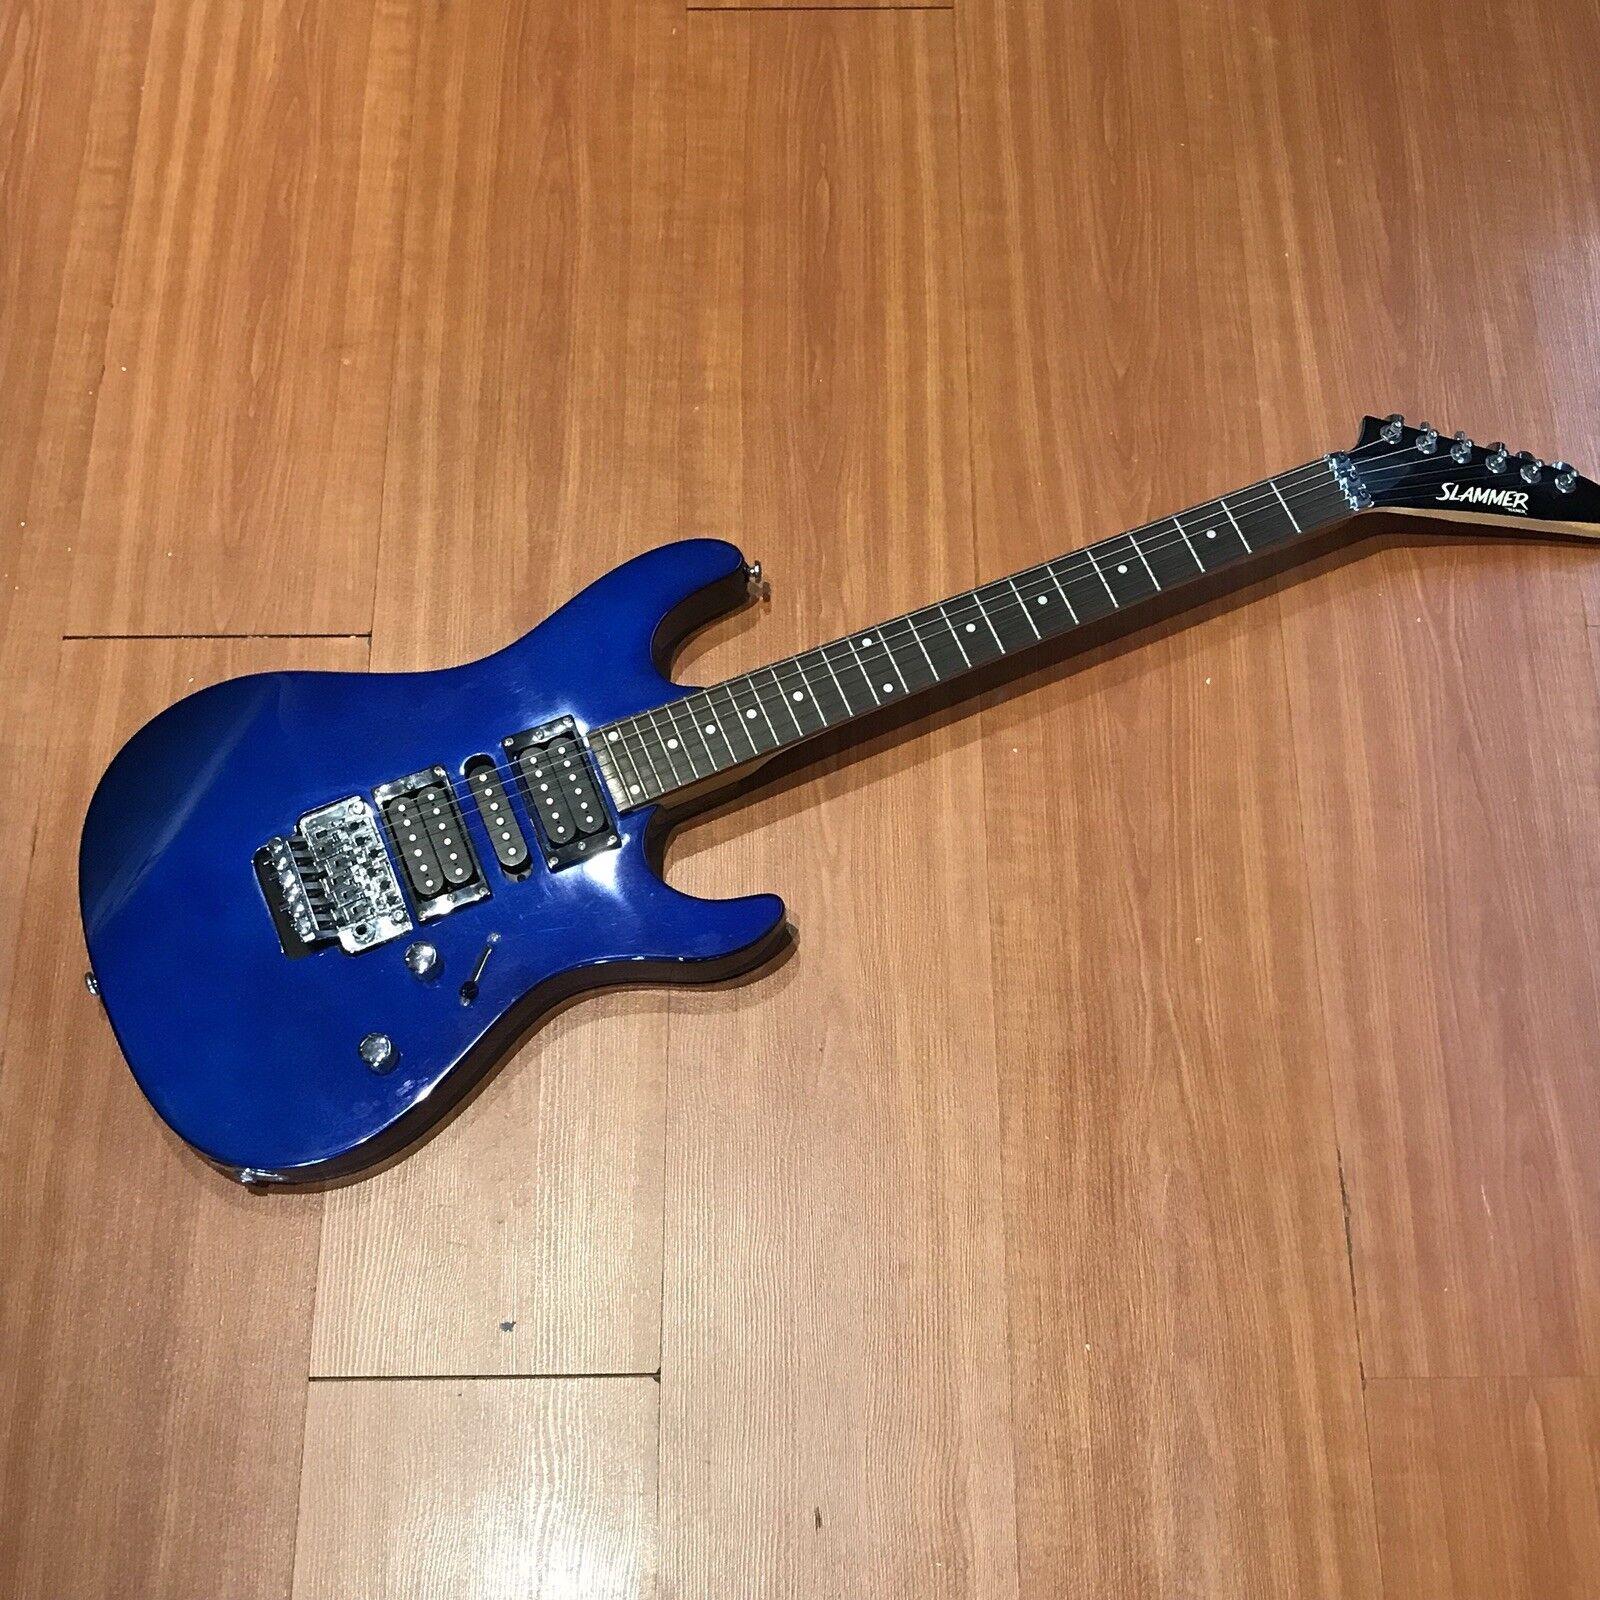 Hamer CT2/2 Cobalt Blau Electric Guitar